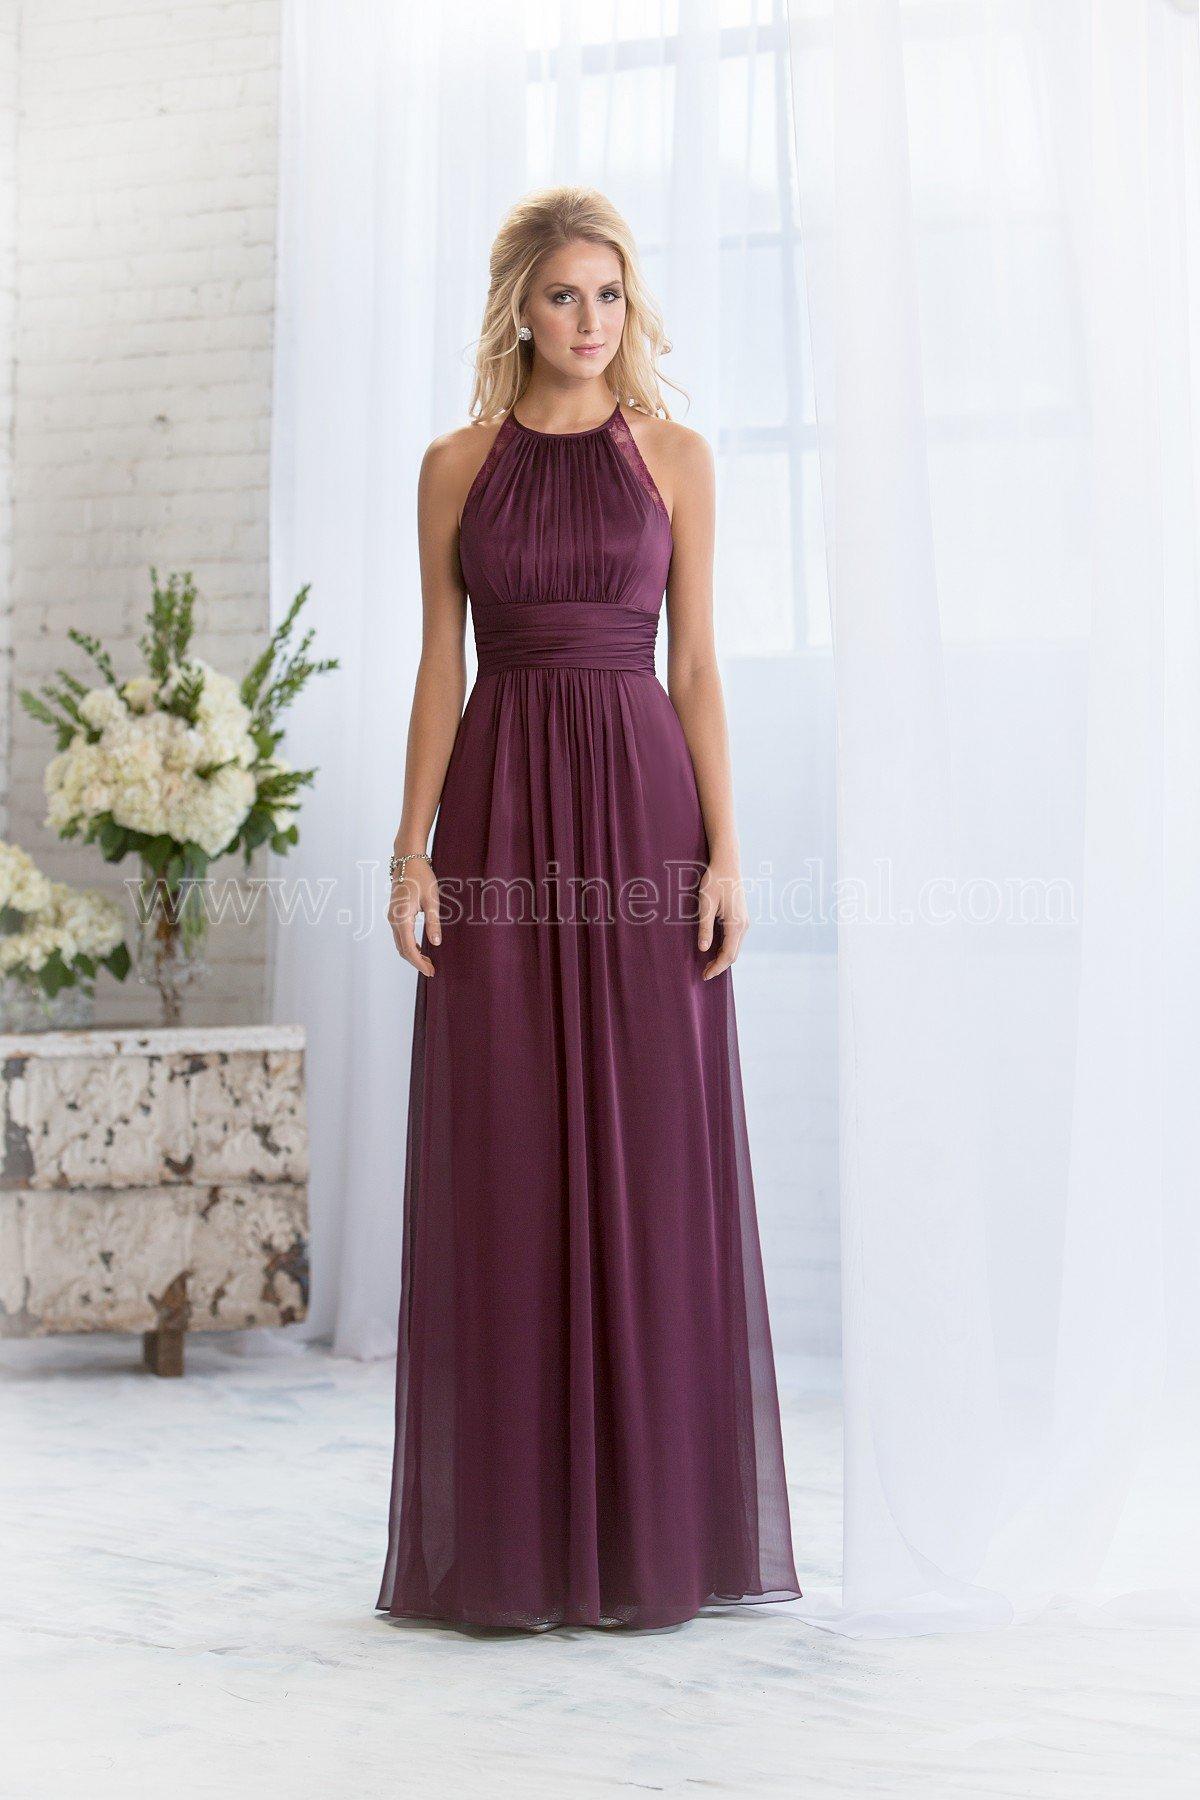 violet colour dress